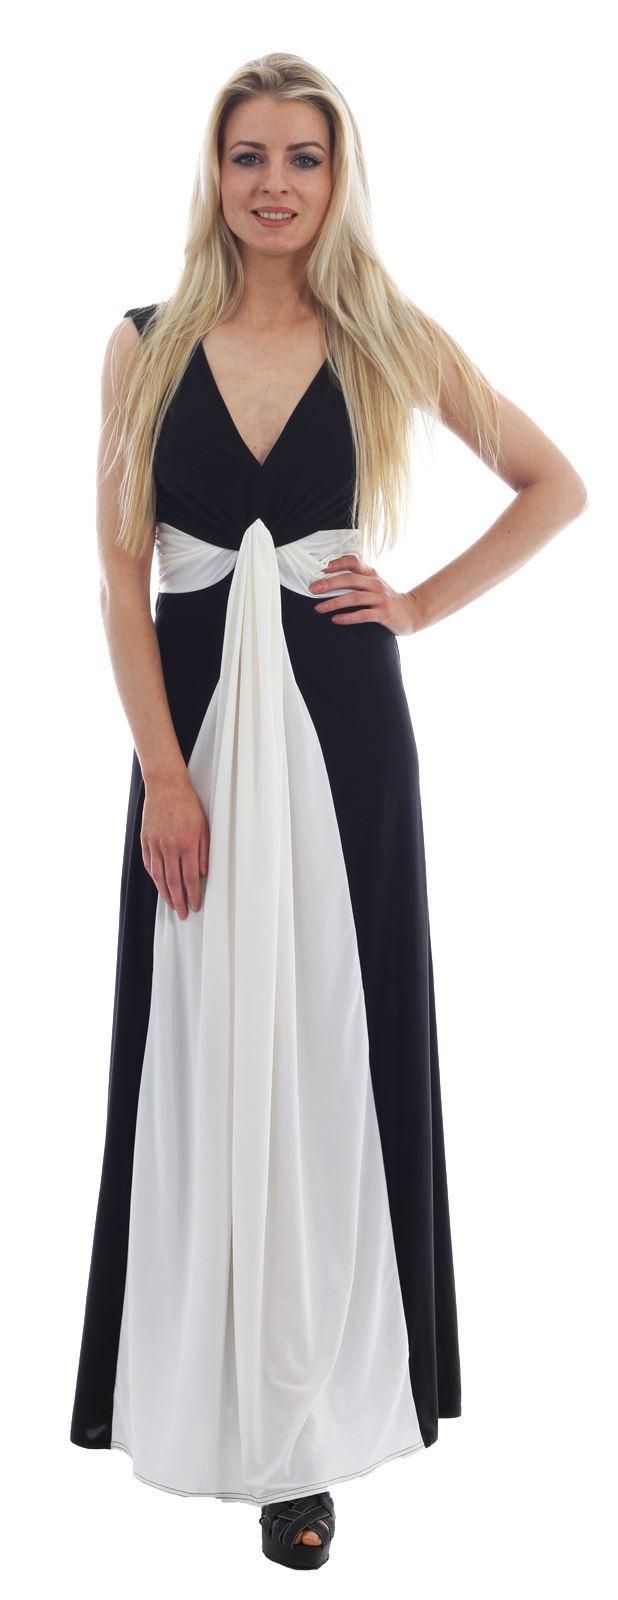 17 Luxus Abend Maxi Kleid GalerieFormal Fantastisch Abend Maxi Kleid Ärmel